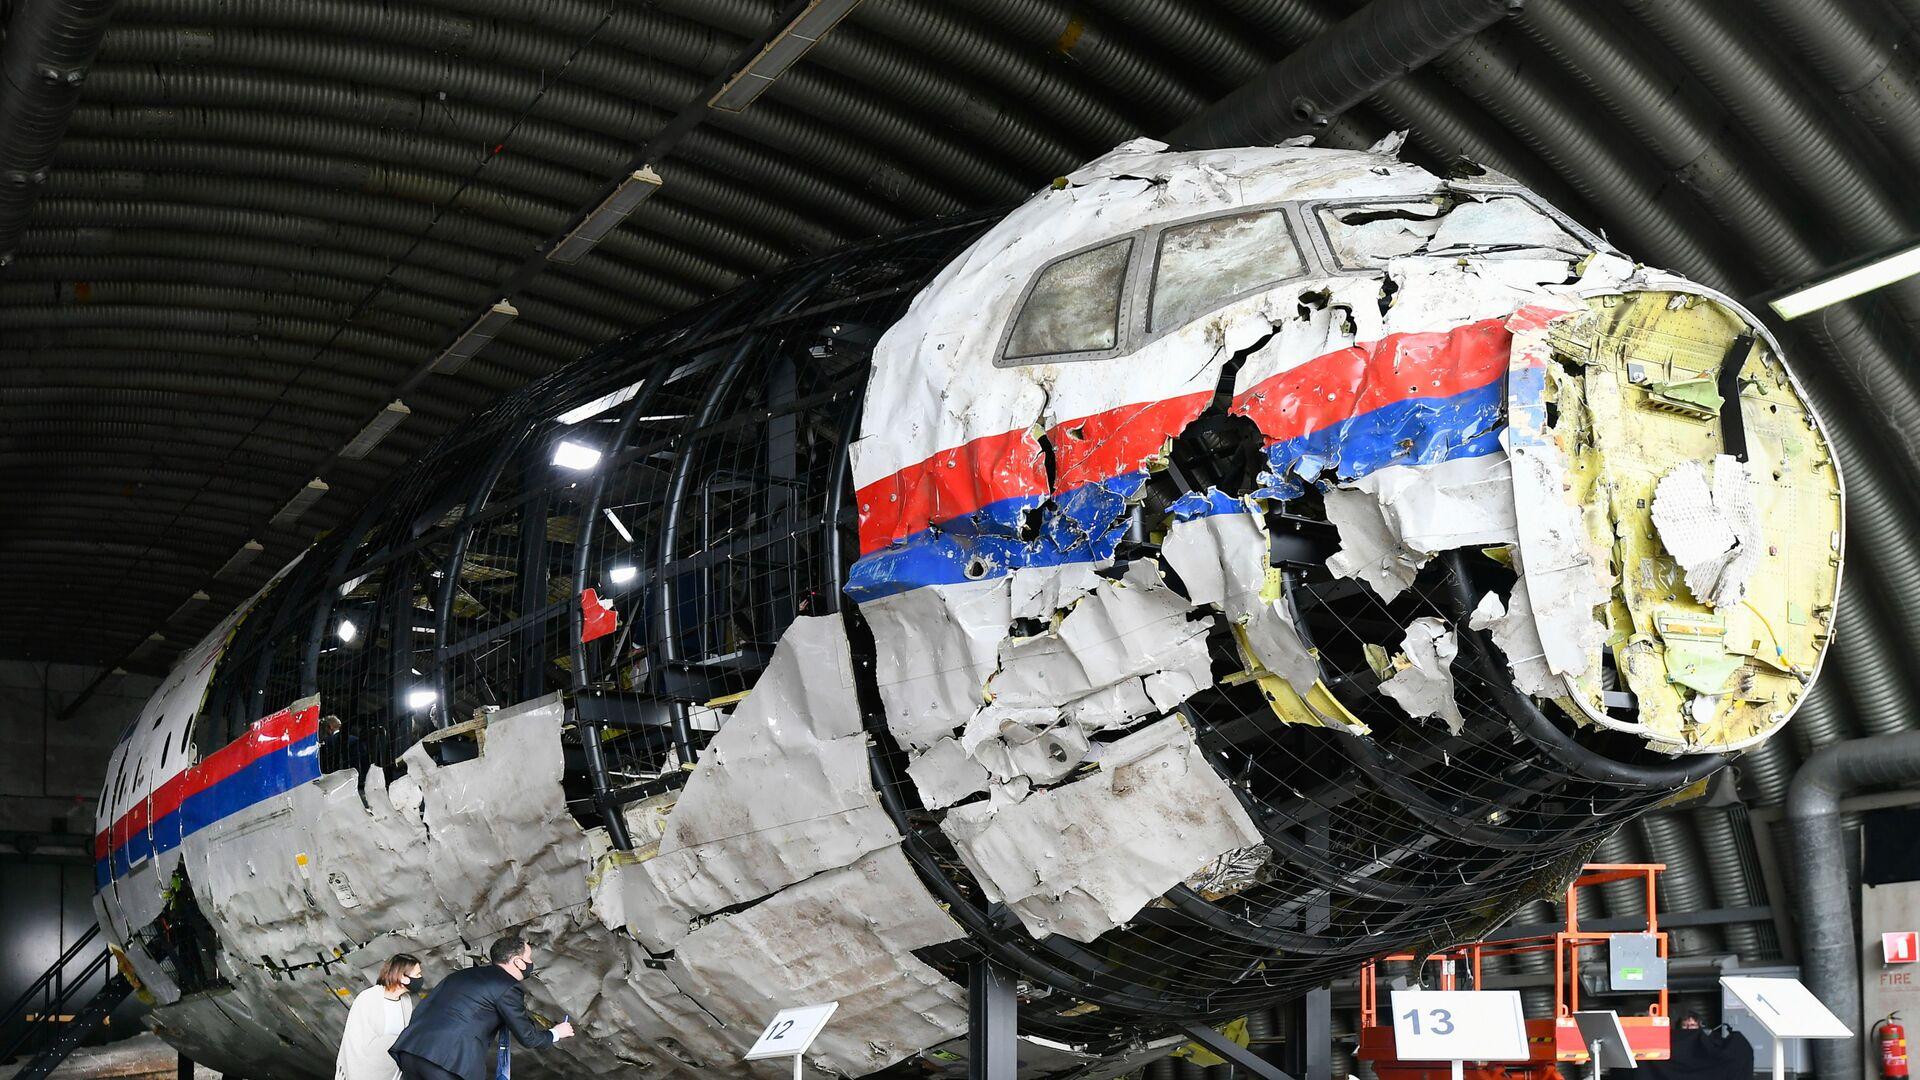 Zrekonstruowany wrak lotu MH17 Malaysia Airlines w bazie lotniczej Gilse-Reyen w Holandii - Sputnik Polska, 1920, 17.06.2021